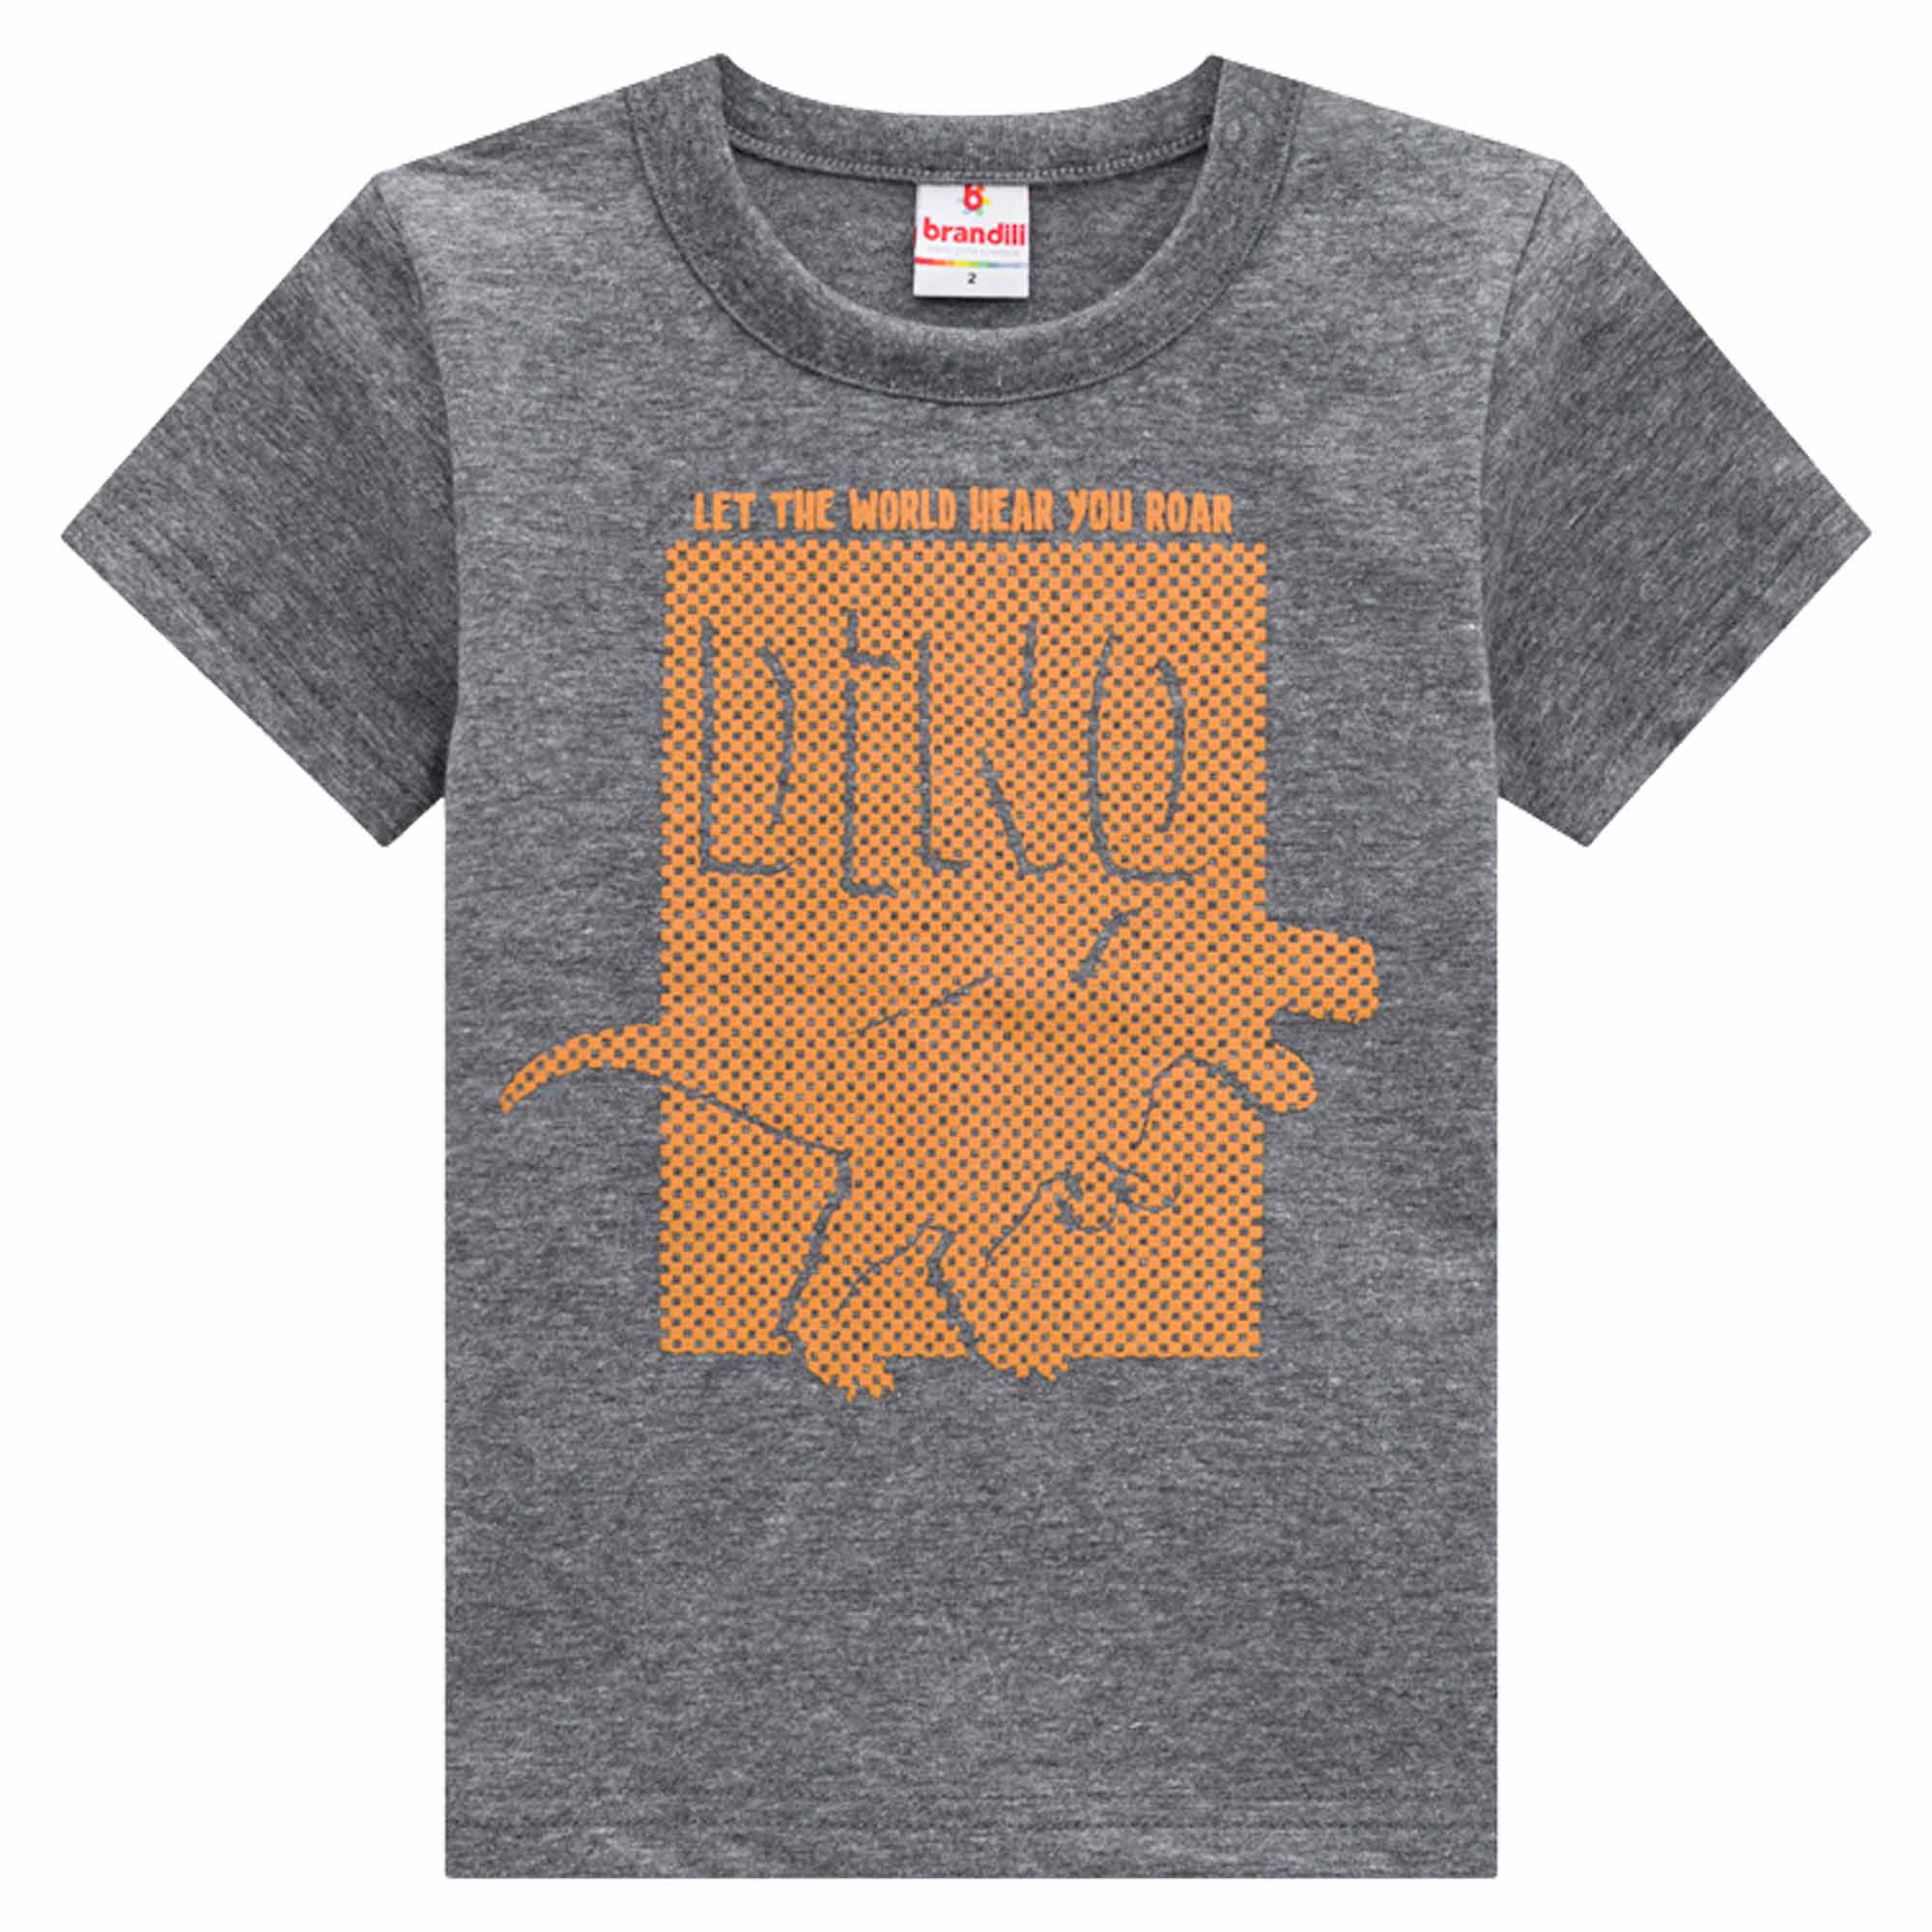 Camiseta Meia Manga Brandili Dino - 1 ao 3